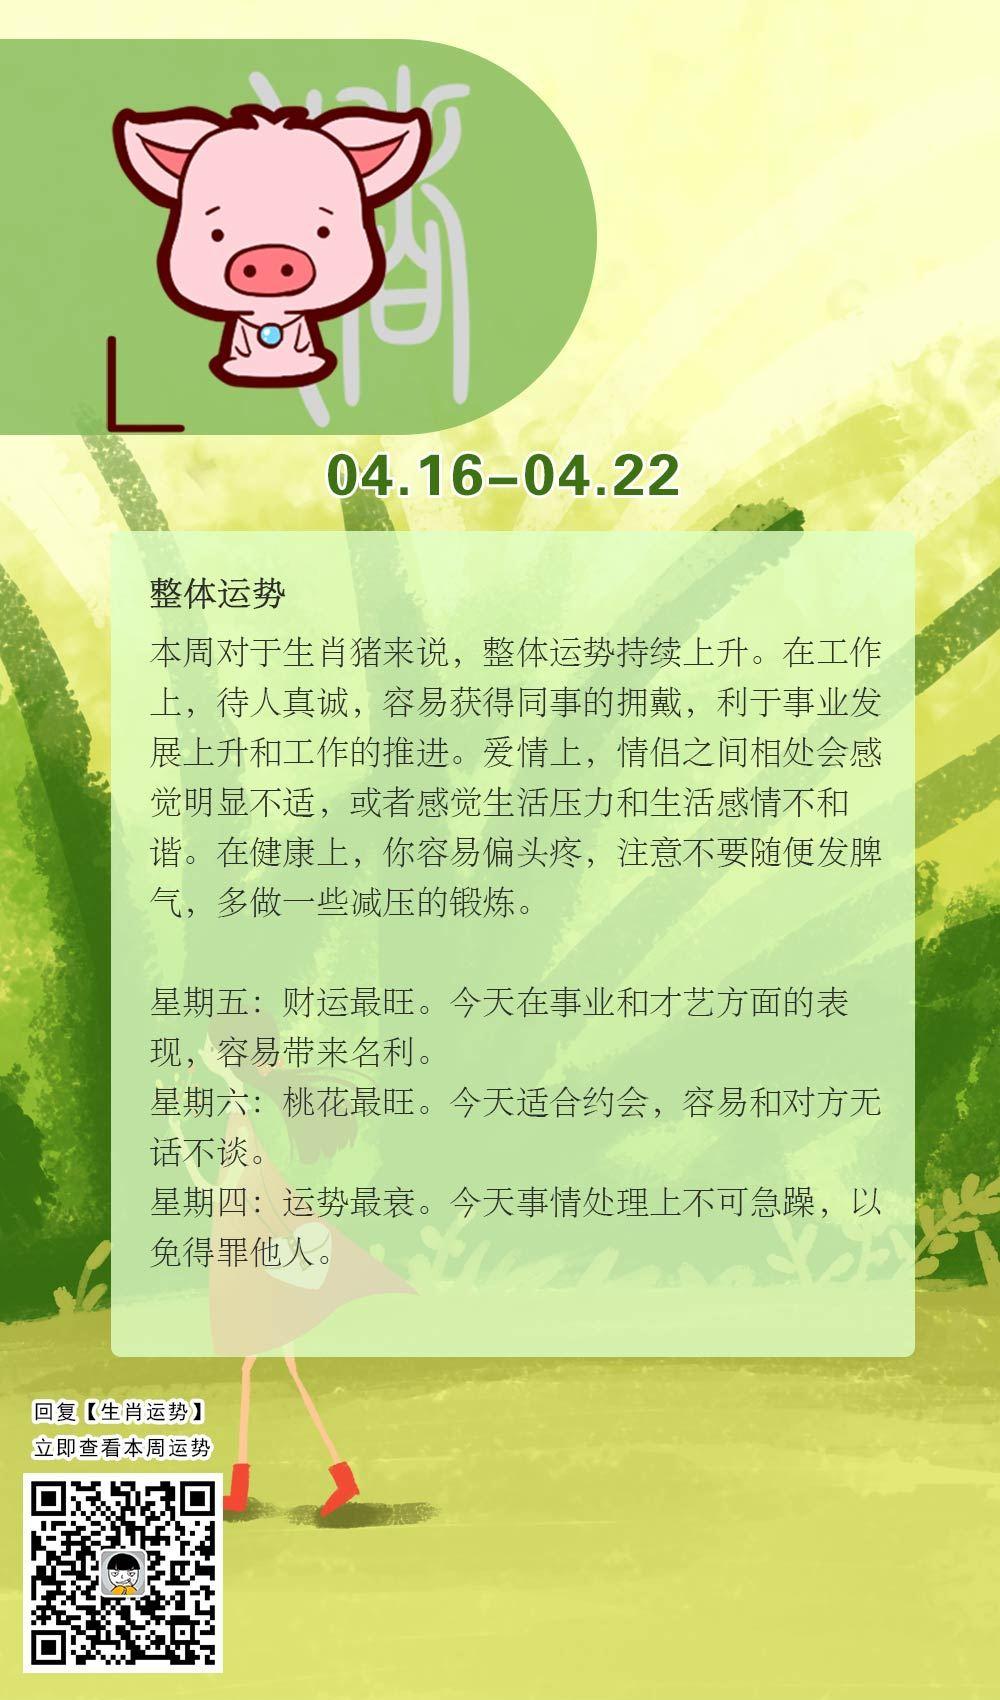 生肖猪本周运势【2018.04.16-04.22】